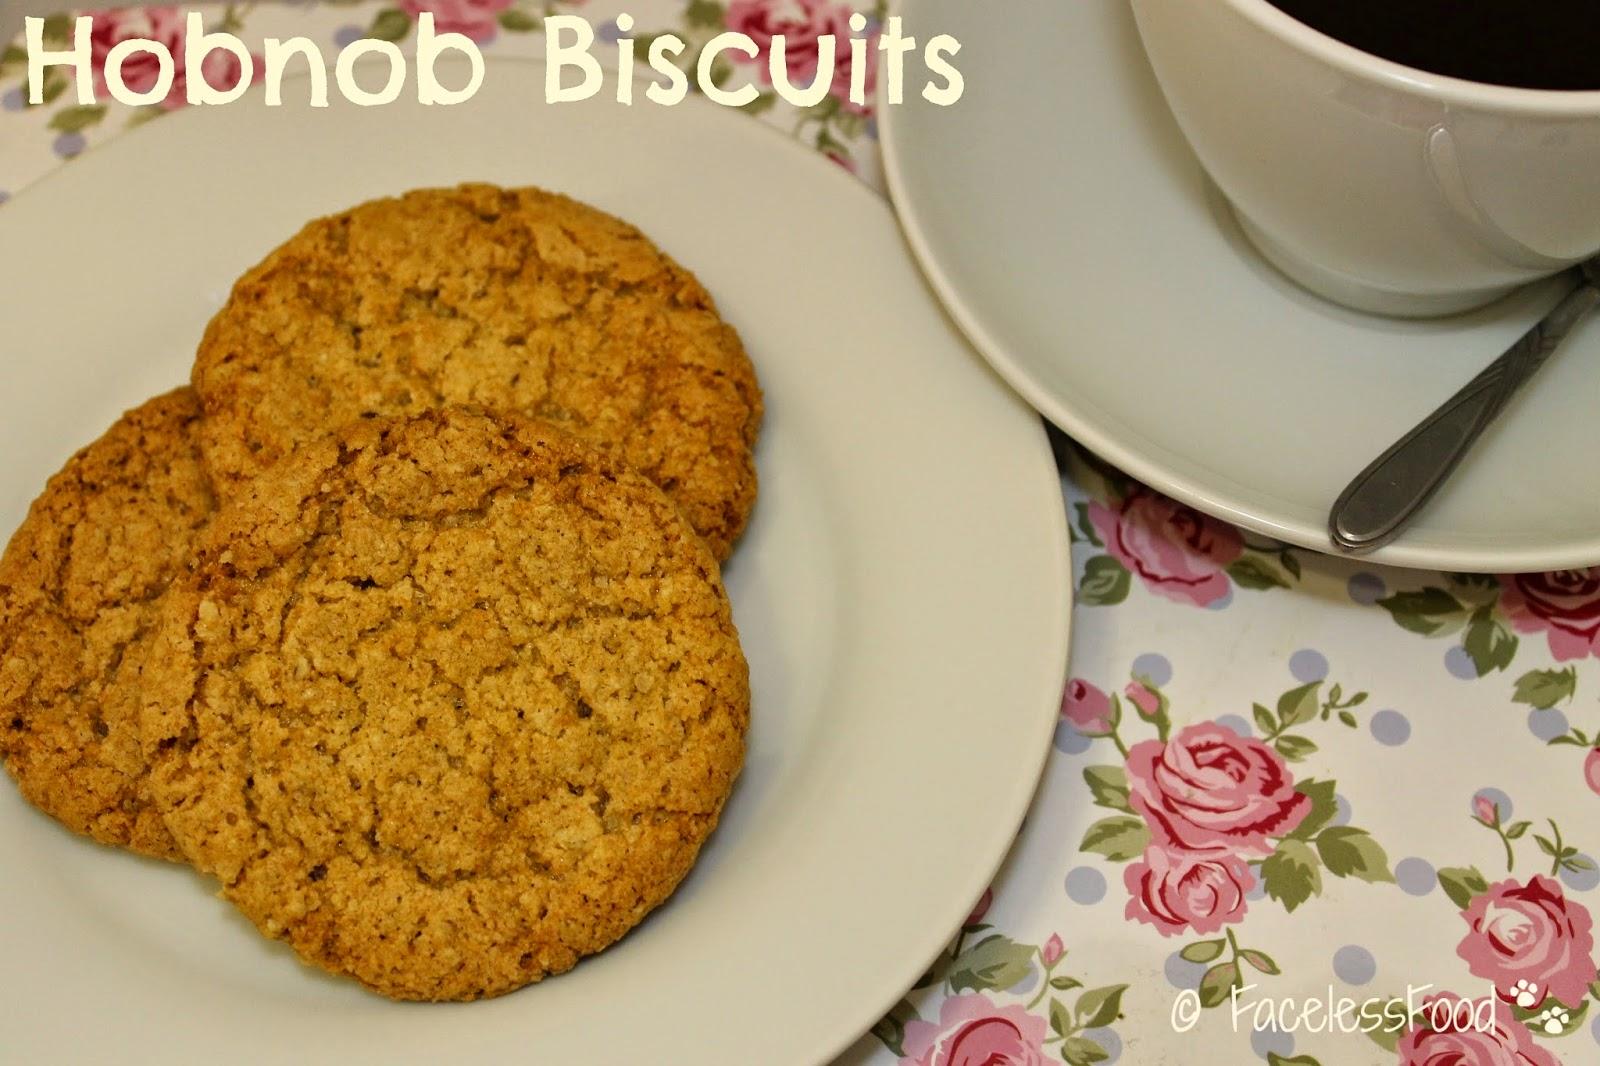 Hobnob Biscuits